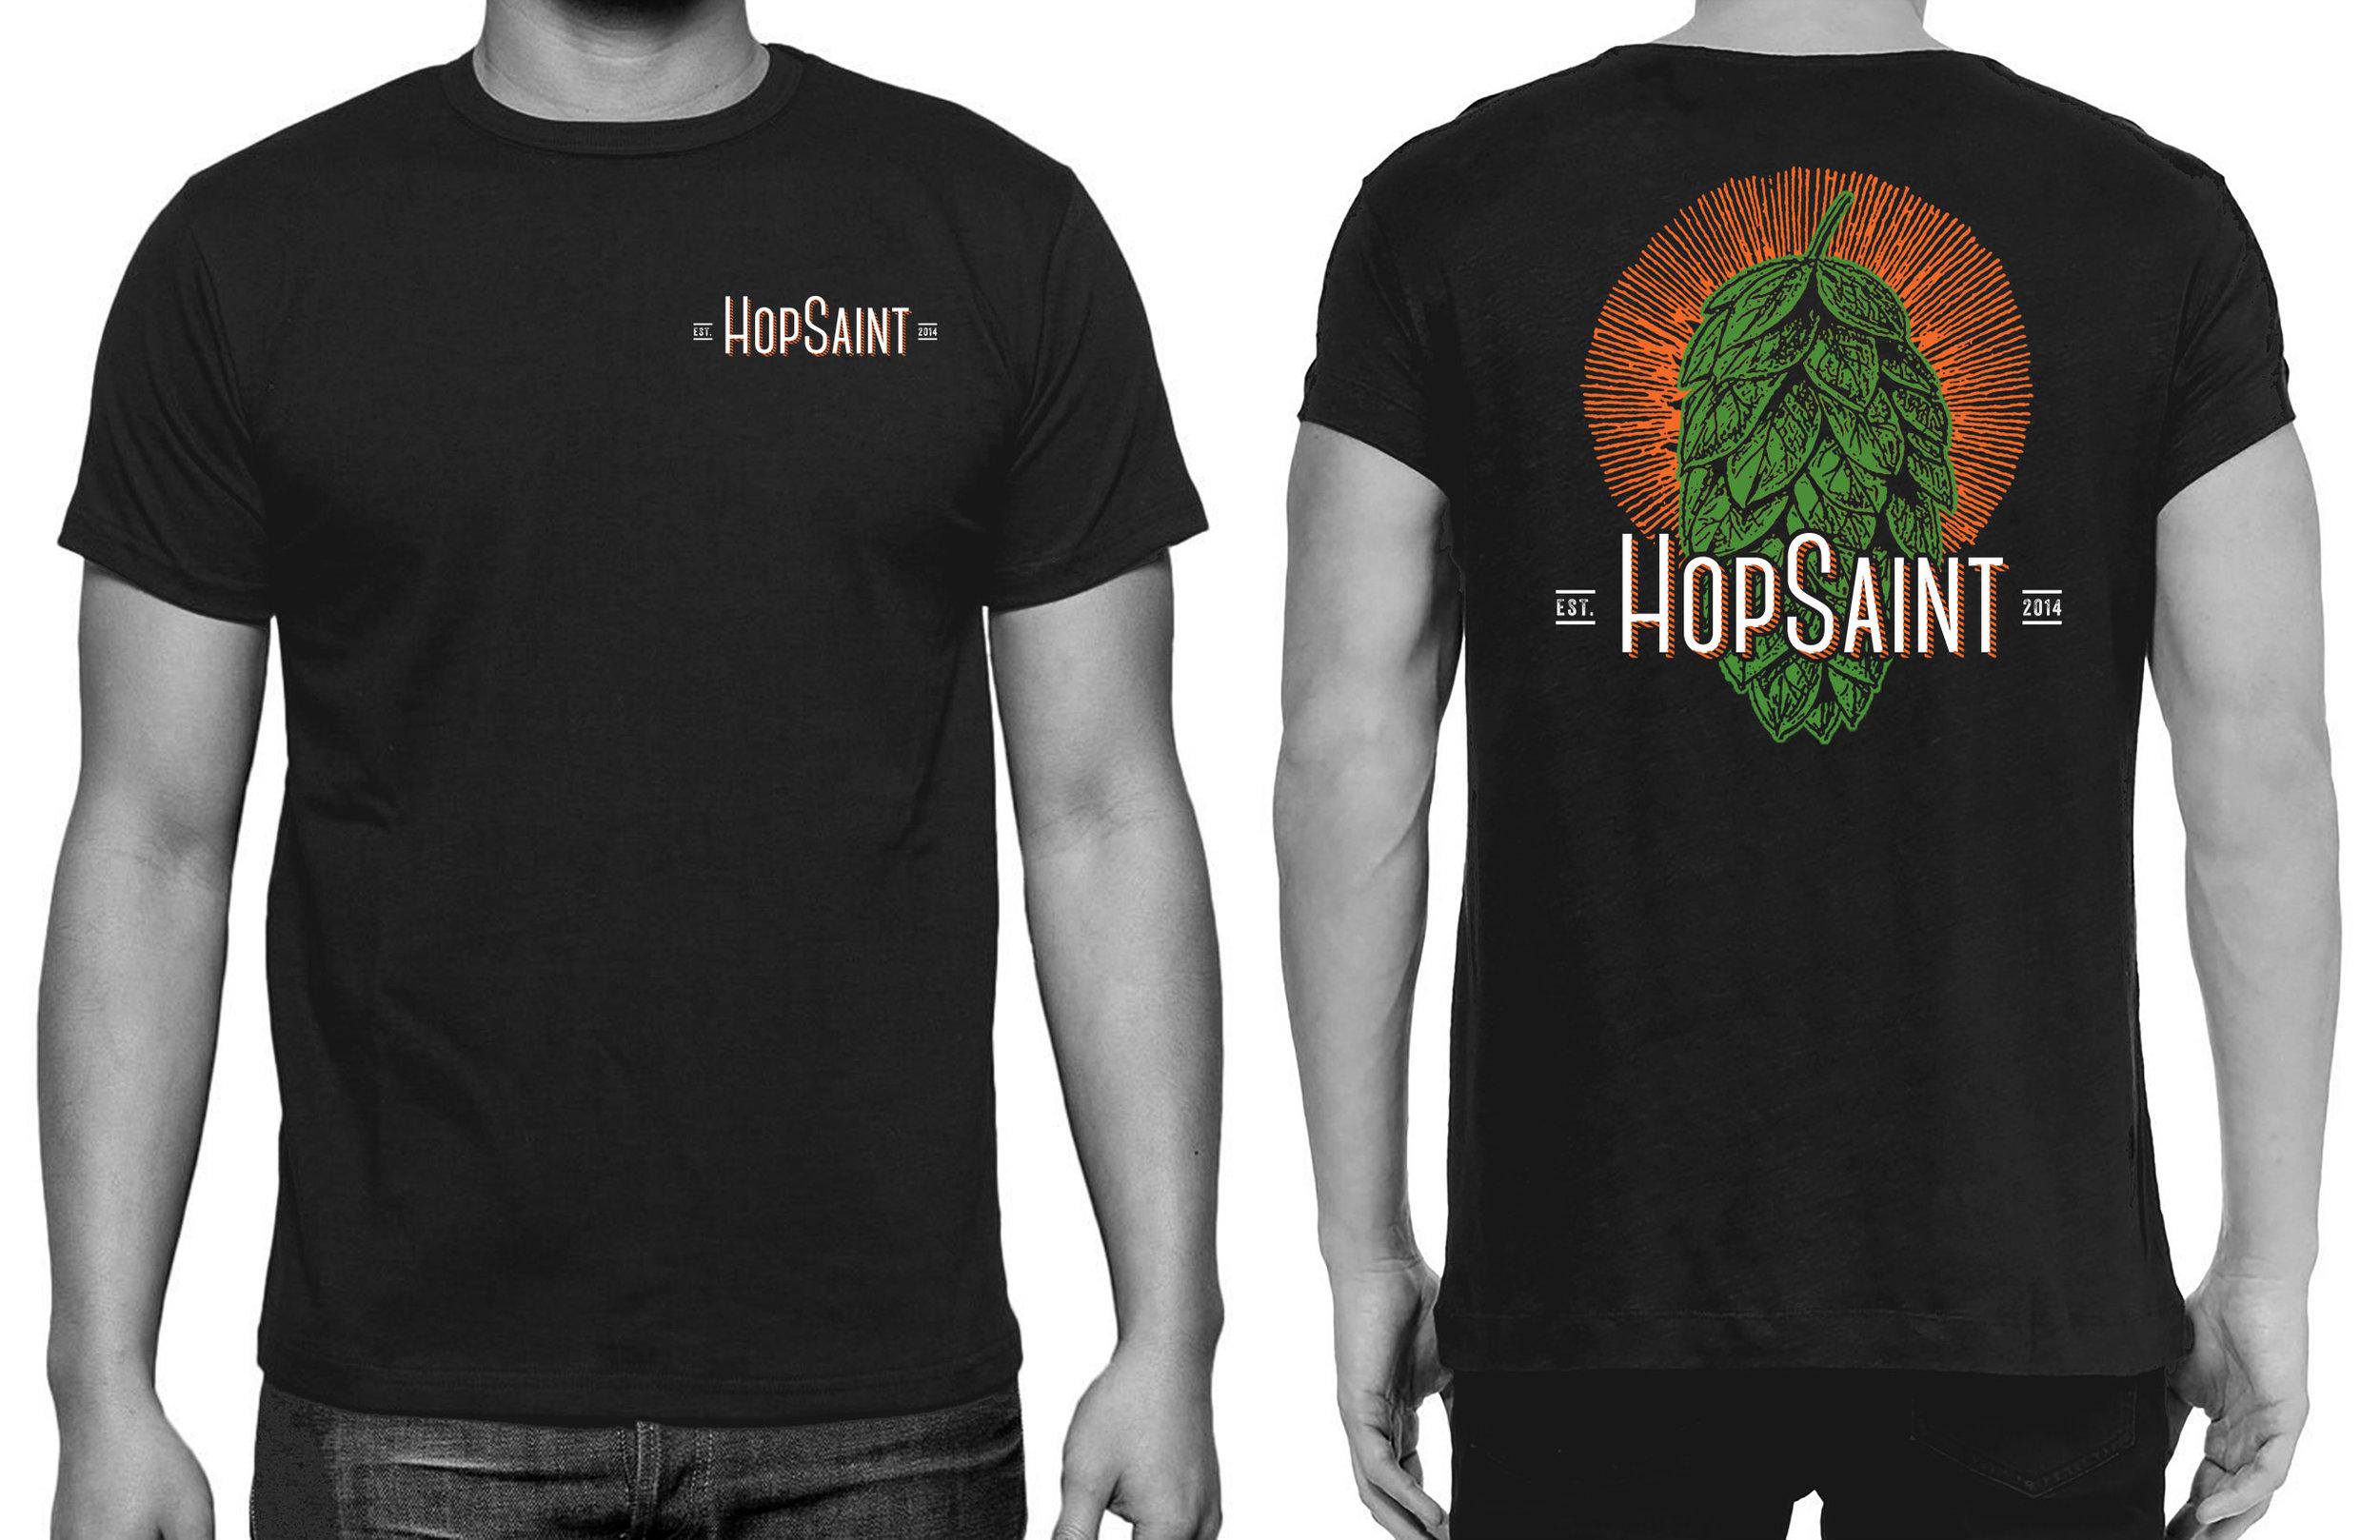 HopSaint T Shirt Redesign.